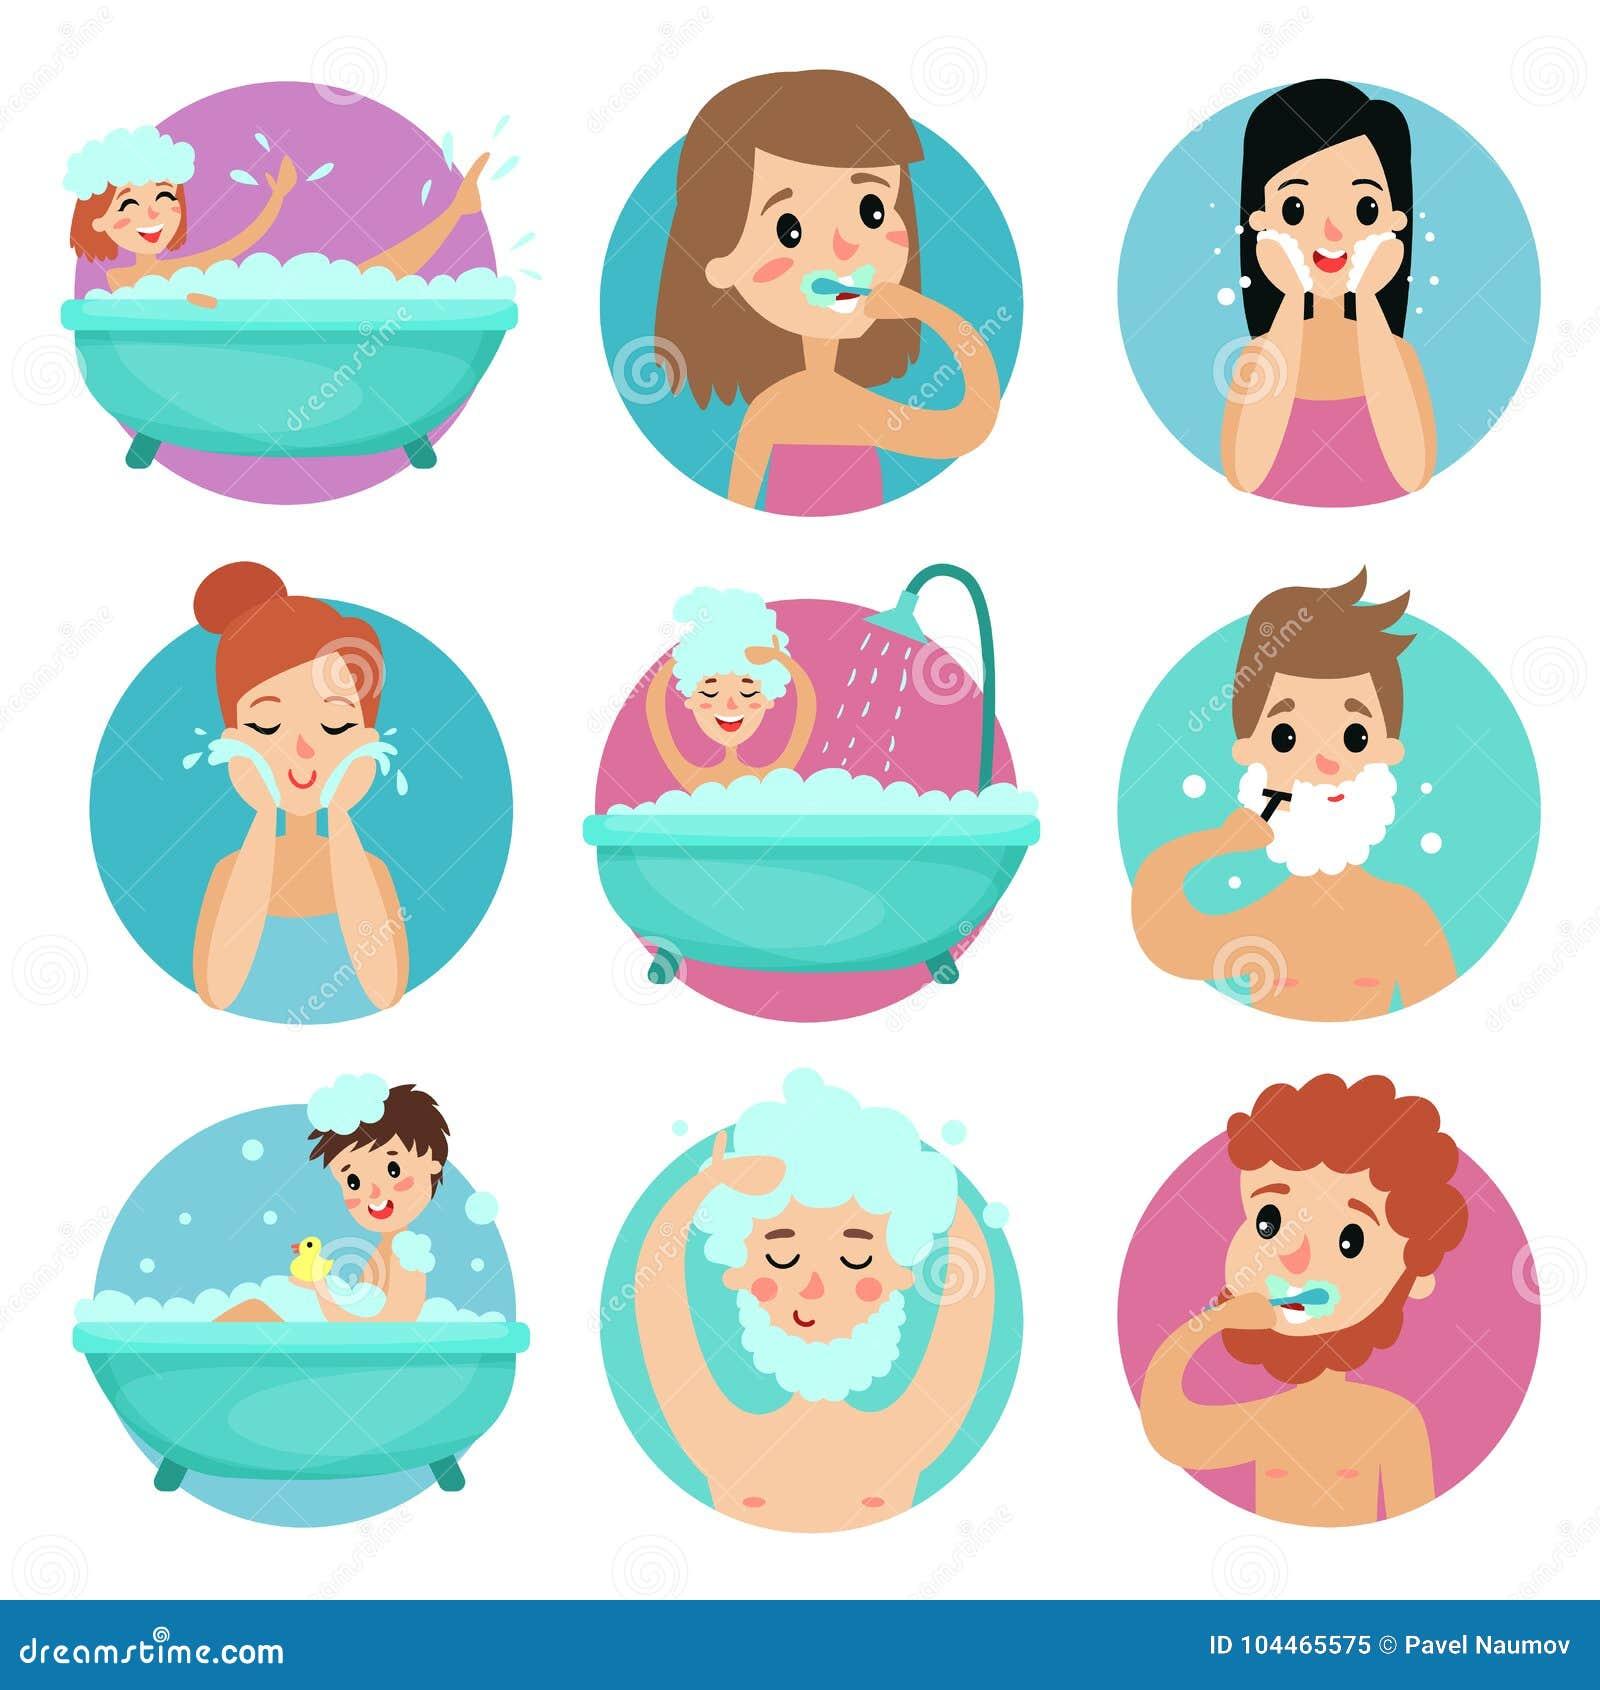 Mann und weibliche Figuren, die Badezimmerverfahren, Illustration Vektor der persönlichen Hygiene des Morgens tun